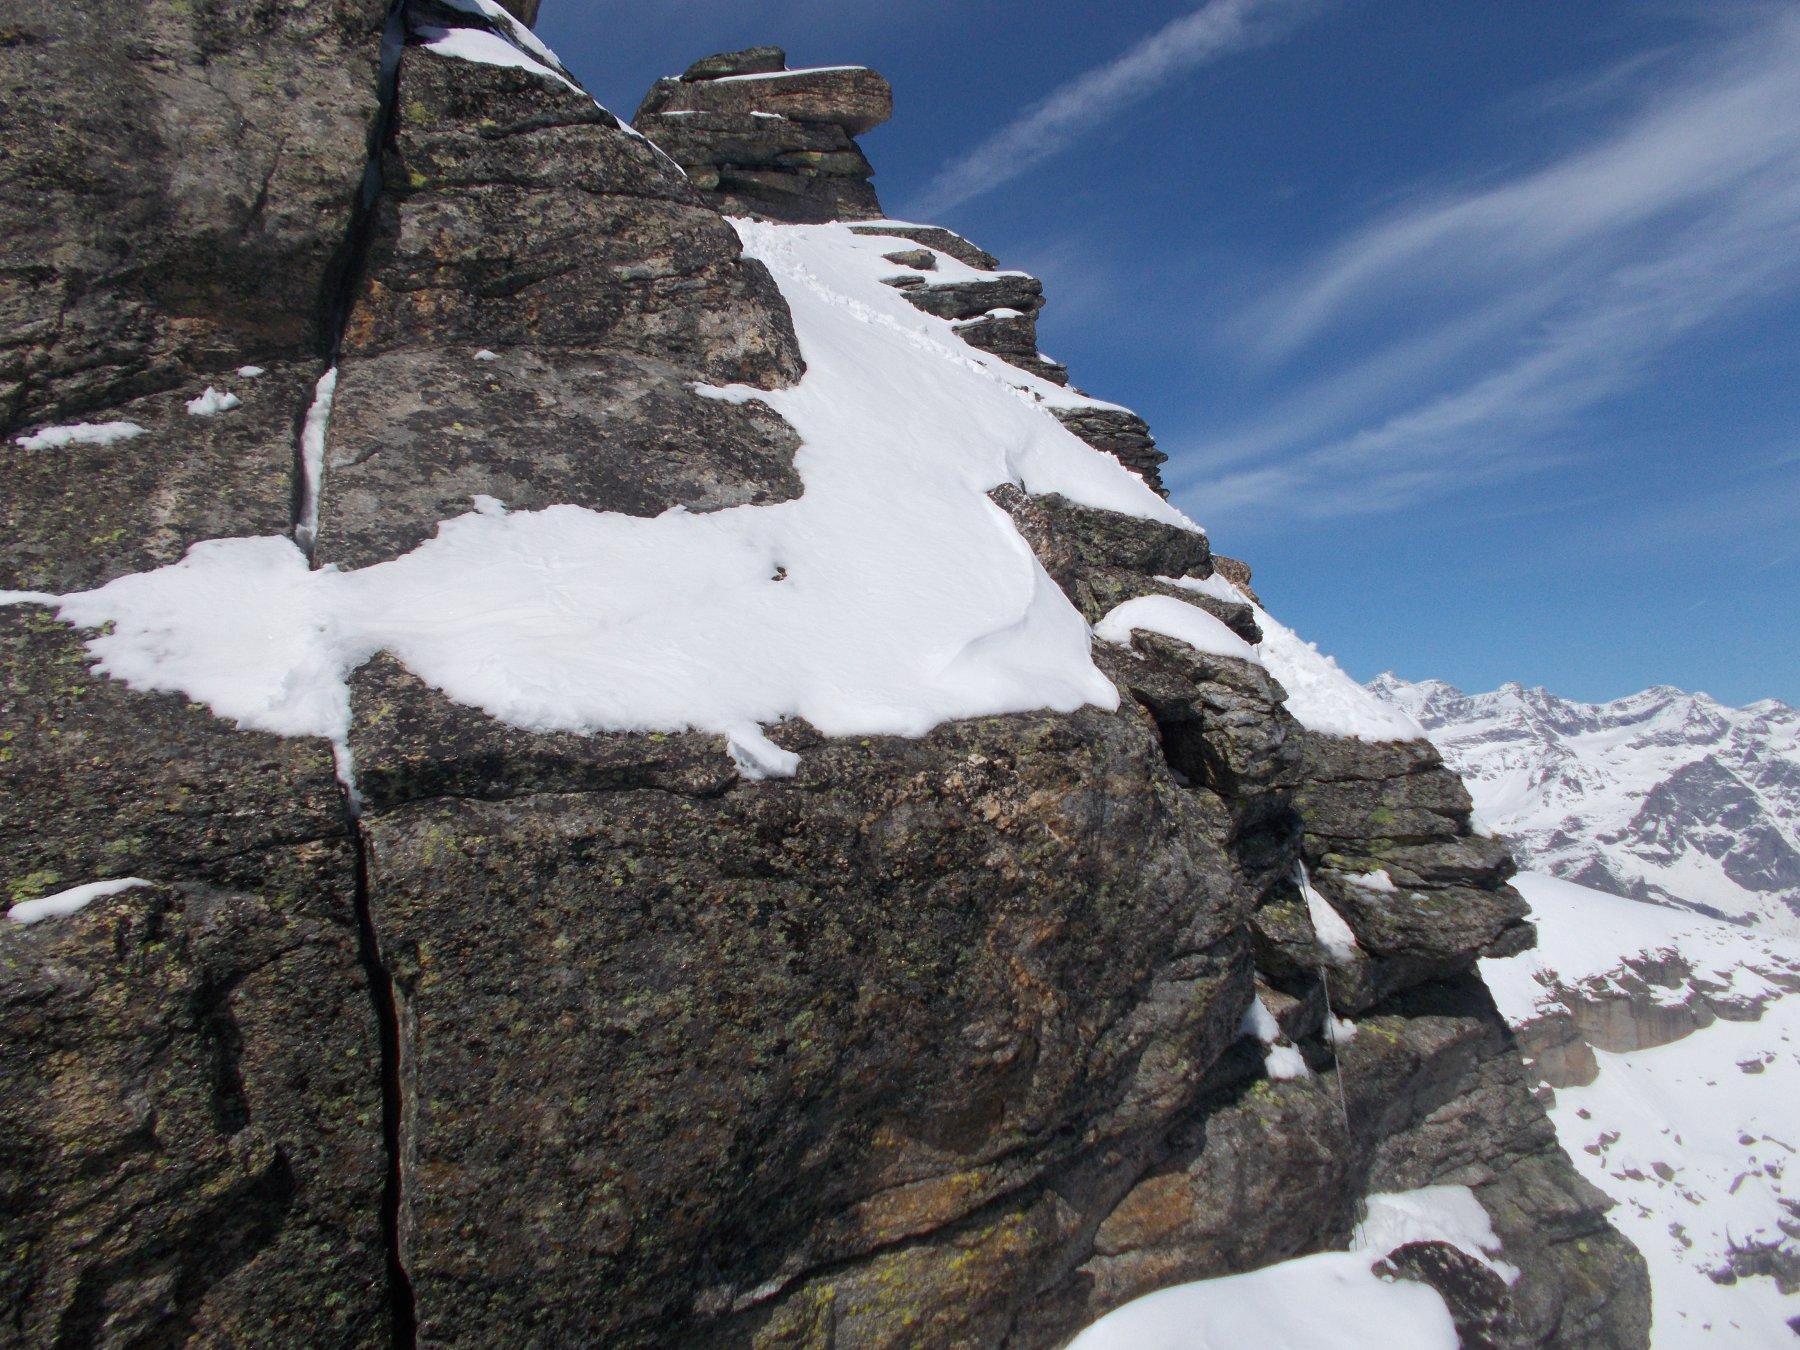 il salto finale dal colletto con corda visibile in corrispondenza della fessura verticale..